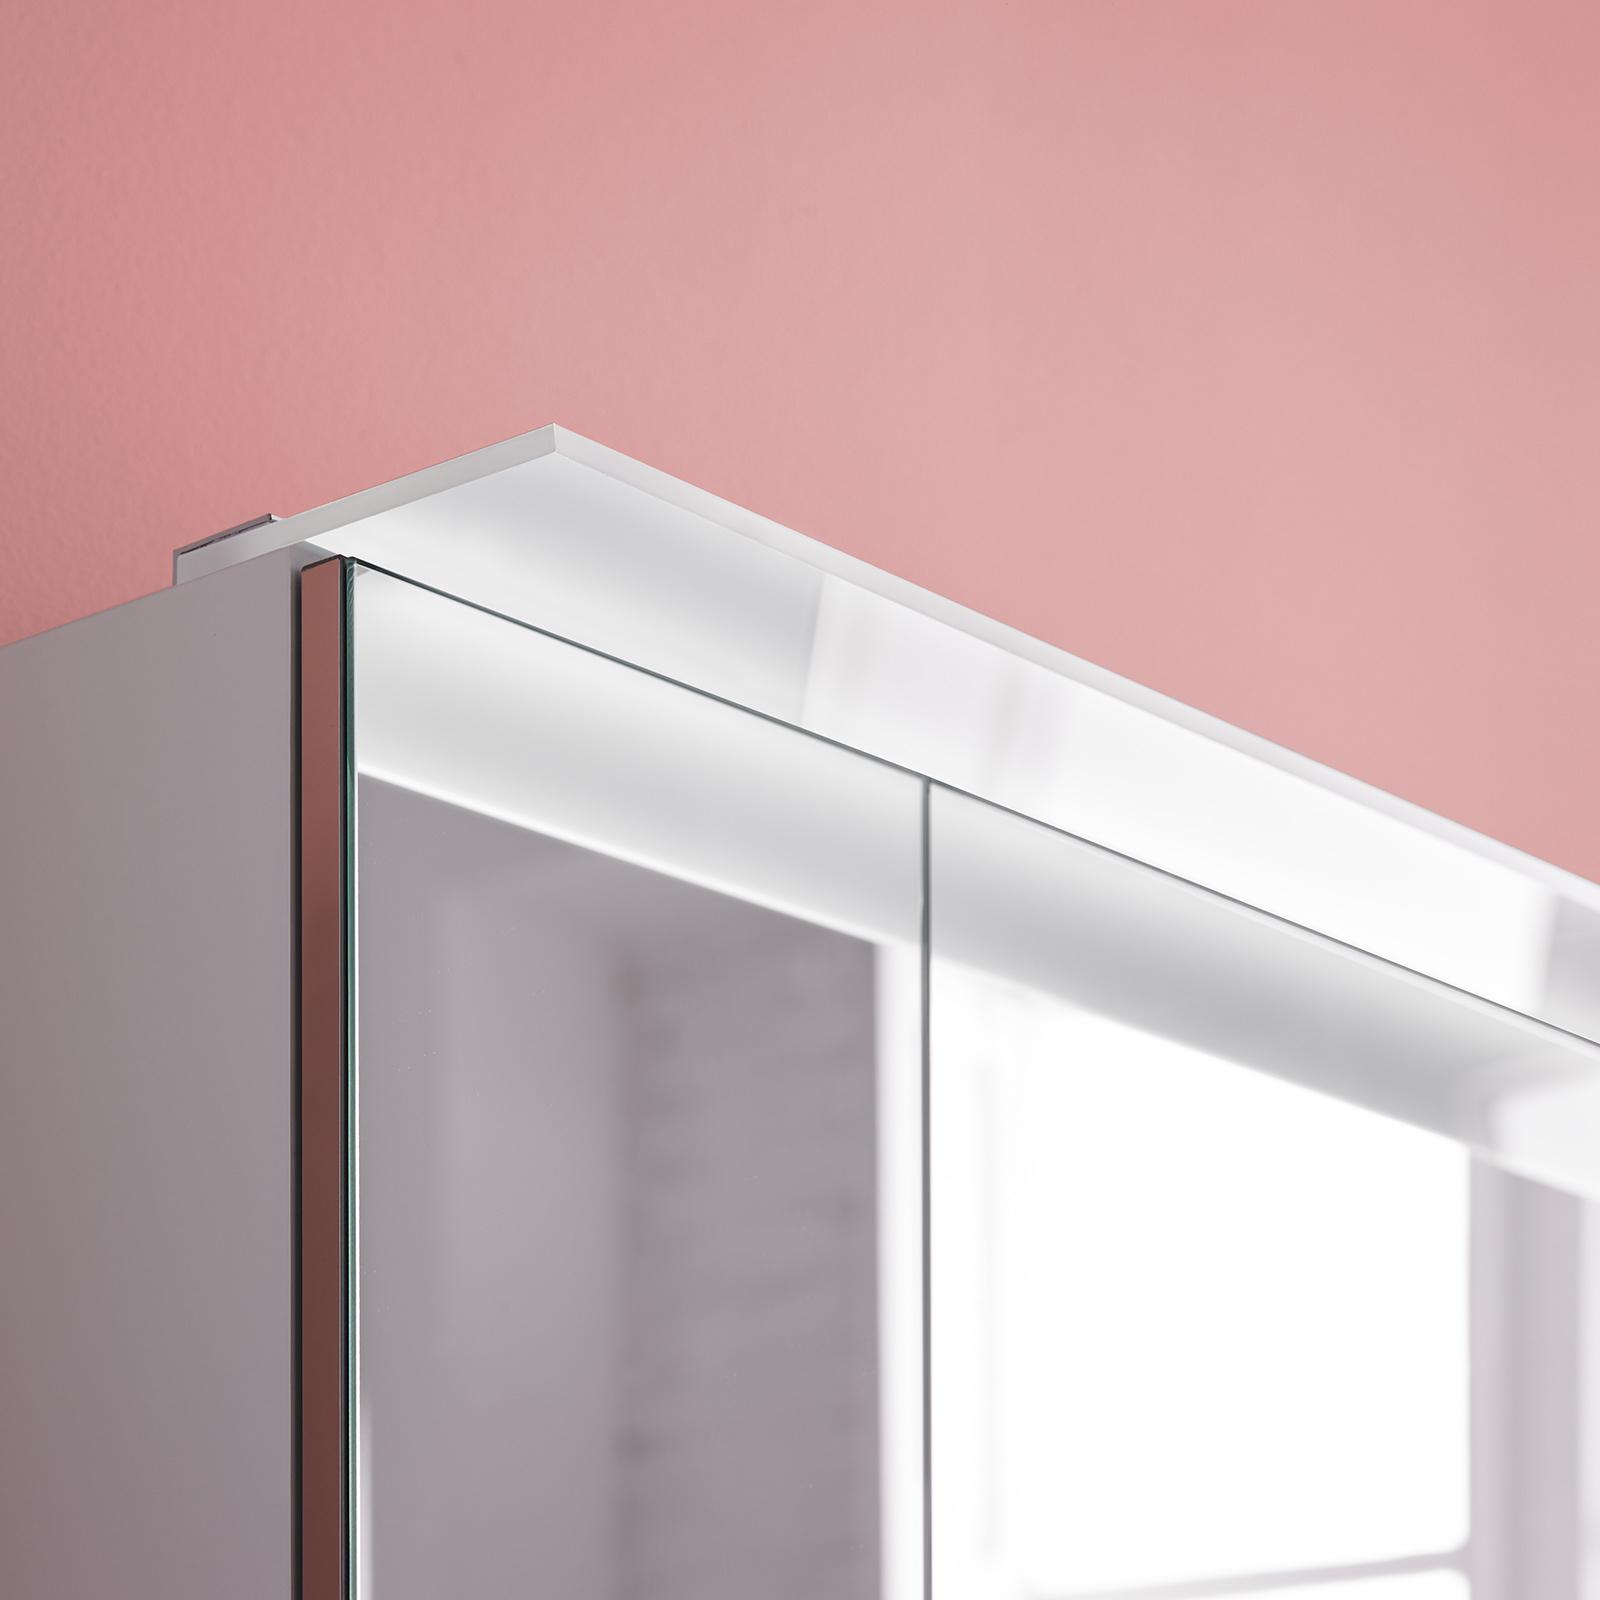 Lampada LED per mobile Adele, larghezza 60 cm